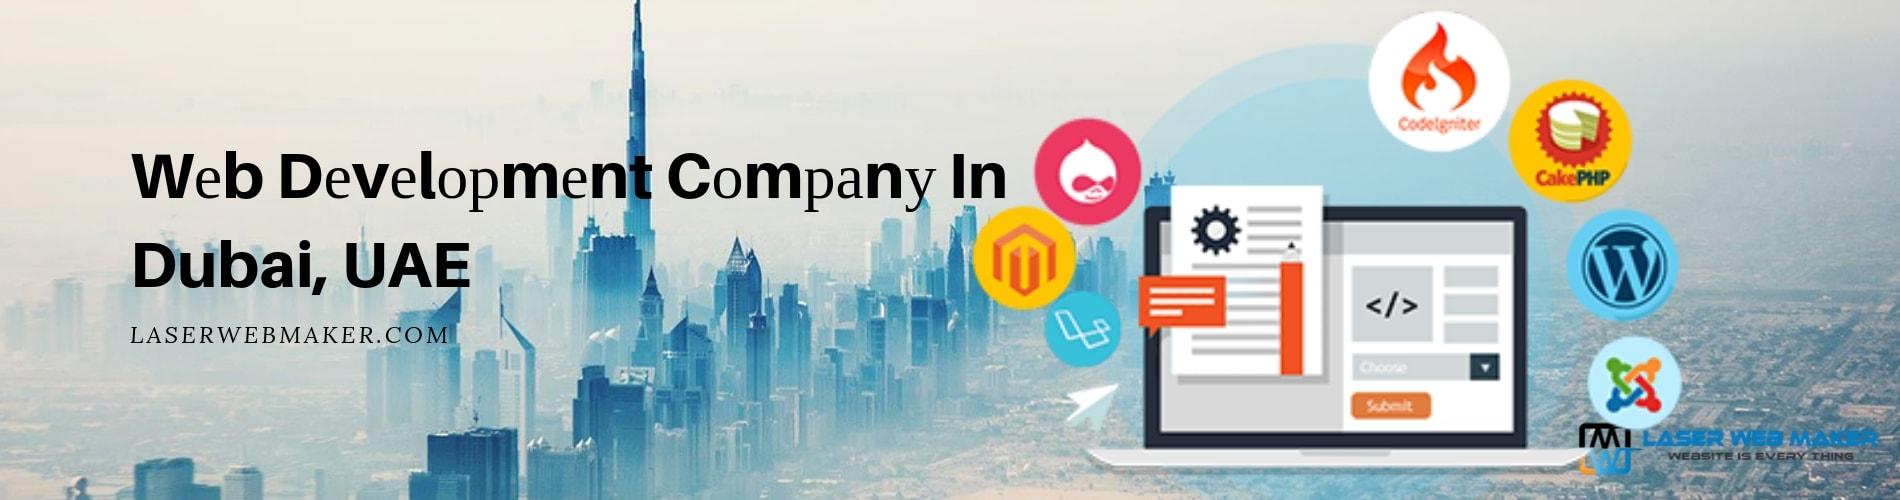 web development company in dubai UAE